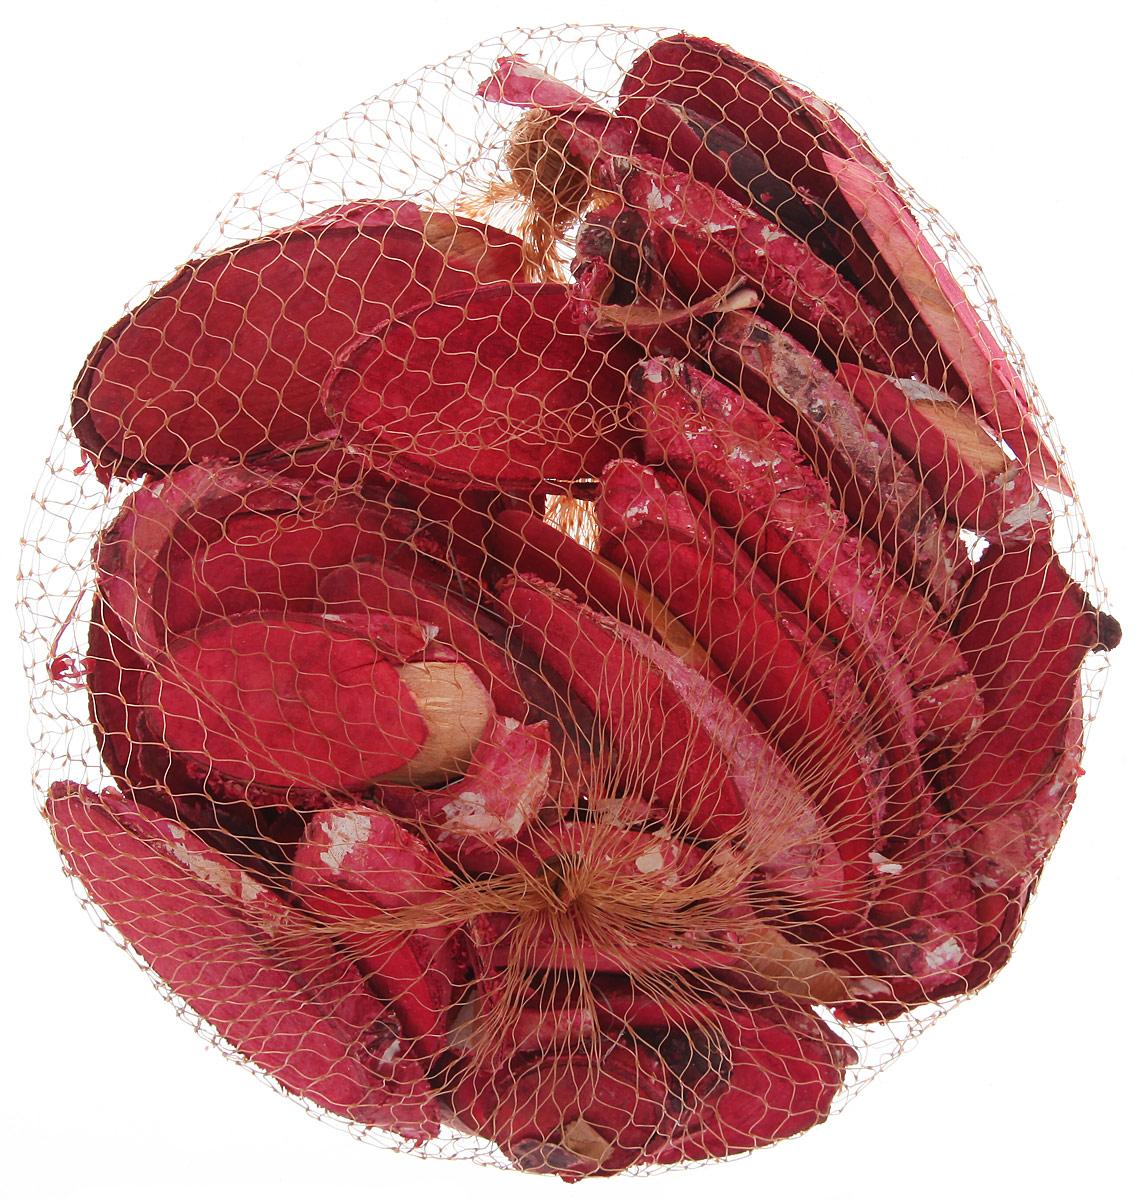 Декоративный элемент Dongjiang Art Срез ветки, цвет: красный, толщина 7 мм, 250 г7708981_красныйДекоративный элемент Dongjiang Art Срез ветки изготовлен из дерева.Изделие предназначено для декорирования. Срез может пригодиться во флористике и многом другом. Декоративный элемент представляет собой тонкий срез ветки. Флористика - вид декоративно-прикладного искусства, который использует живые, засушенные или консервированные природные материалы для создания флористических работ. Это целый мир, в котором есть место и строгому математическому расчету, и вдохновению, полету фантазии. Толщина среза: 7 мм.